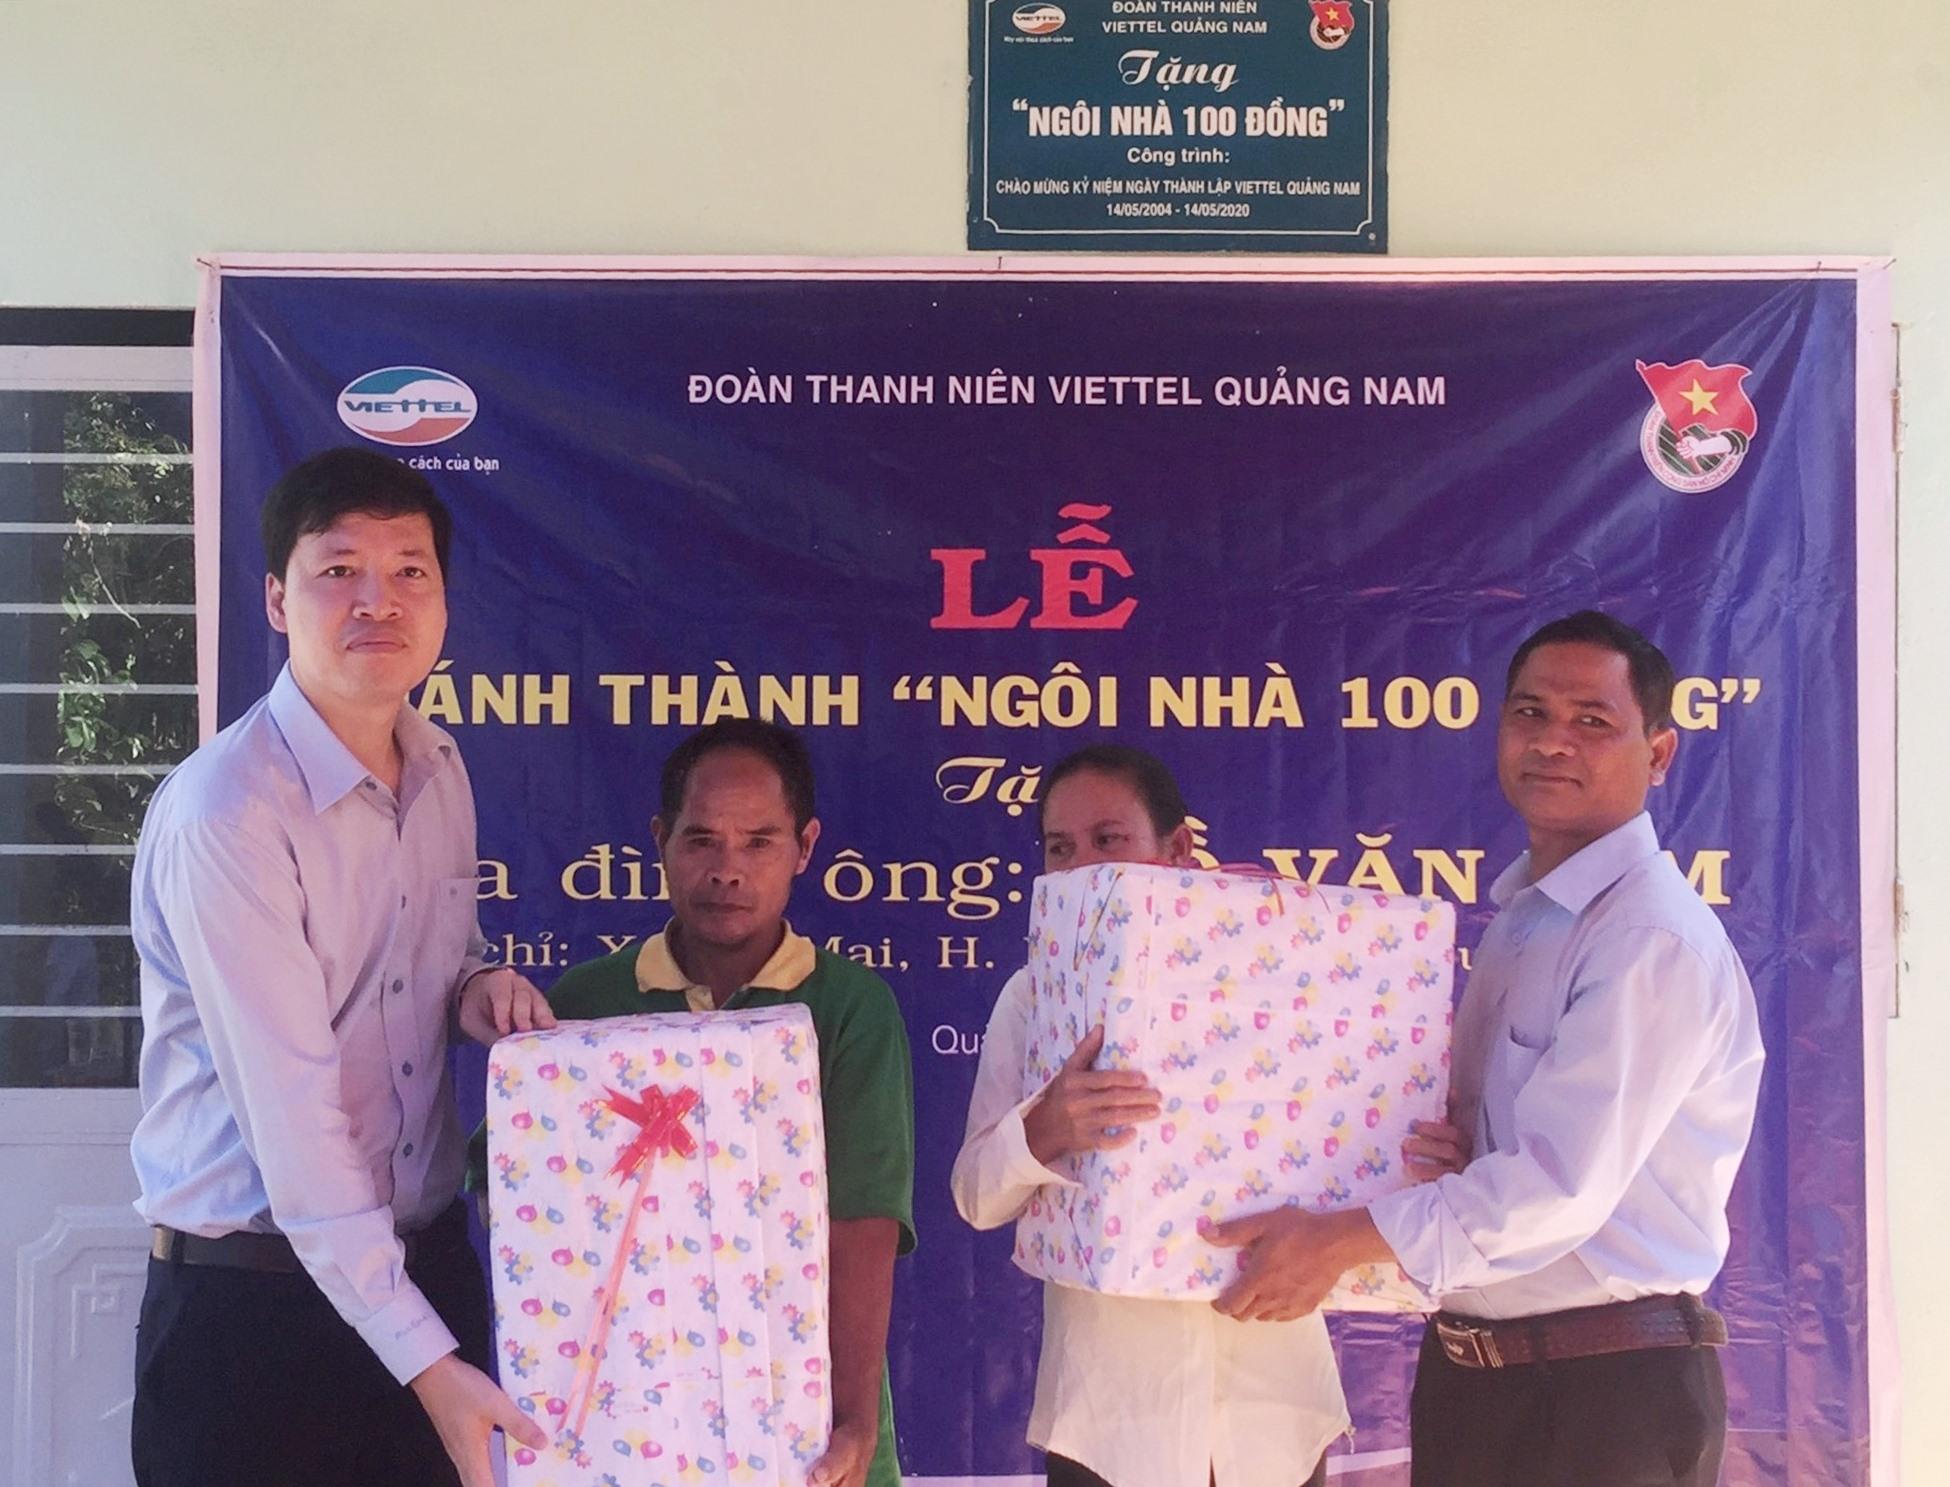 Lãnh đạo Viettel và chính quyền địa phương tặng quà mừng khánh thành nhà mới ông Hồ Văn Xim. Ảnh: CTV